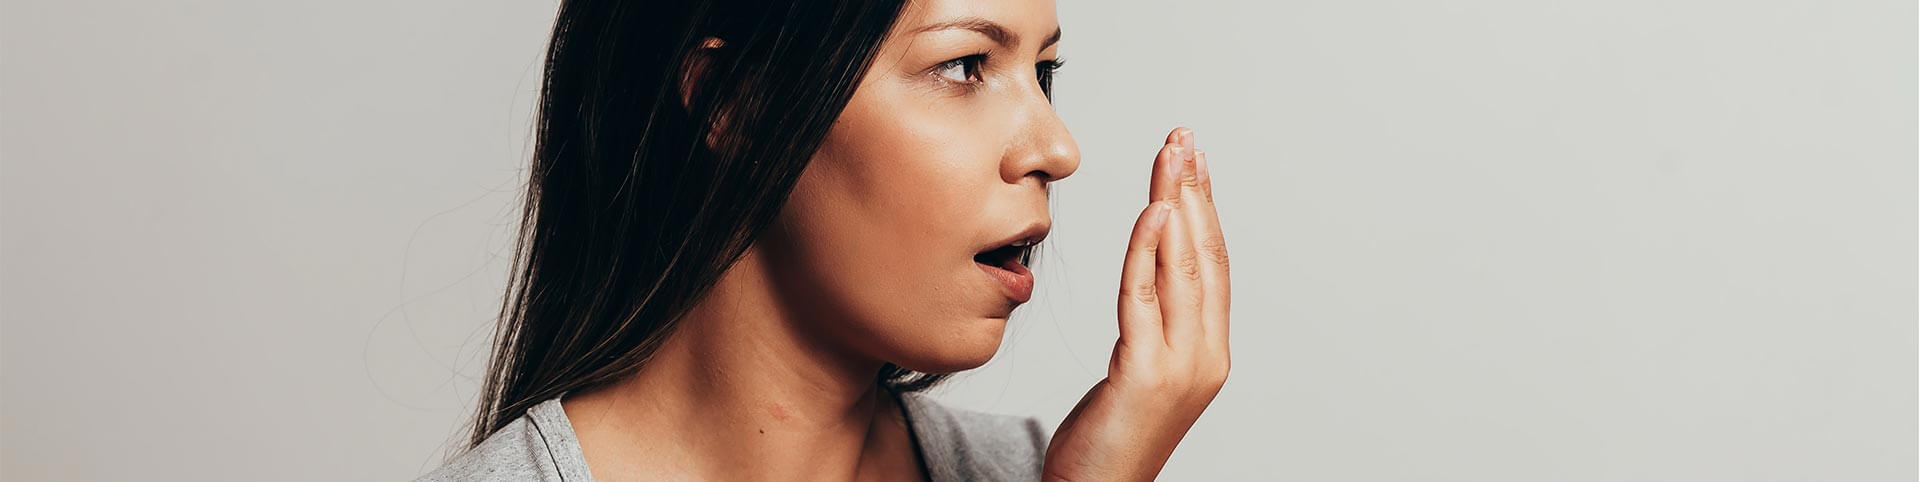 Frau die sich die Hand vor den Mund hält, um zu überprüfen, ob Sie Mundgeruch hat